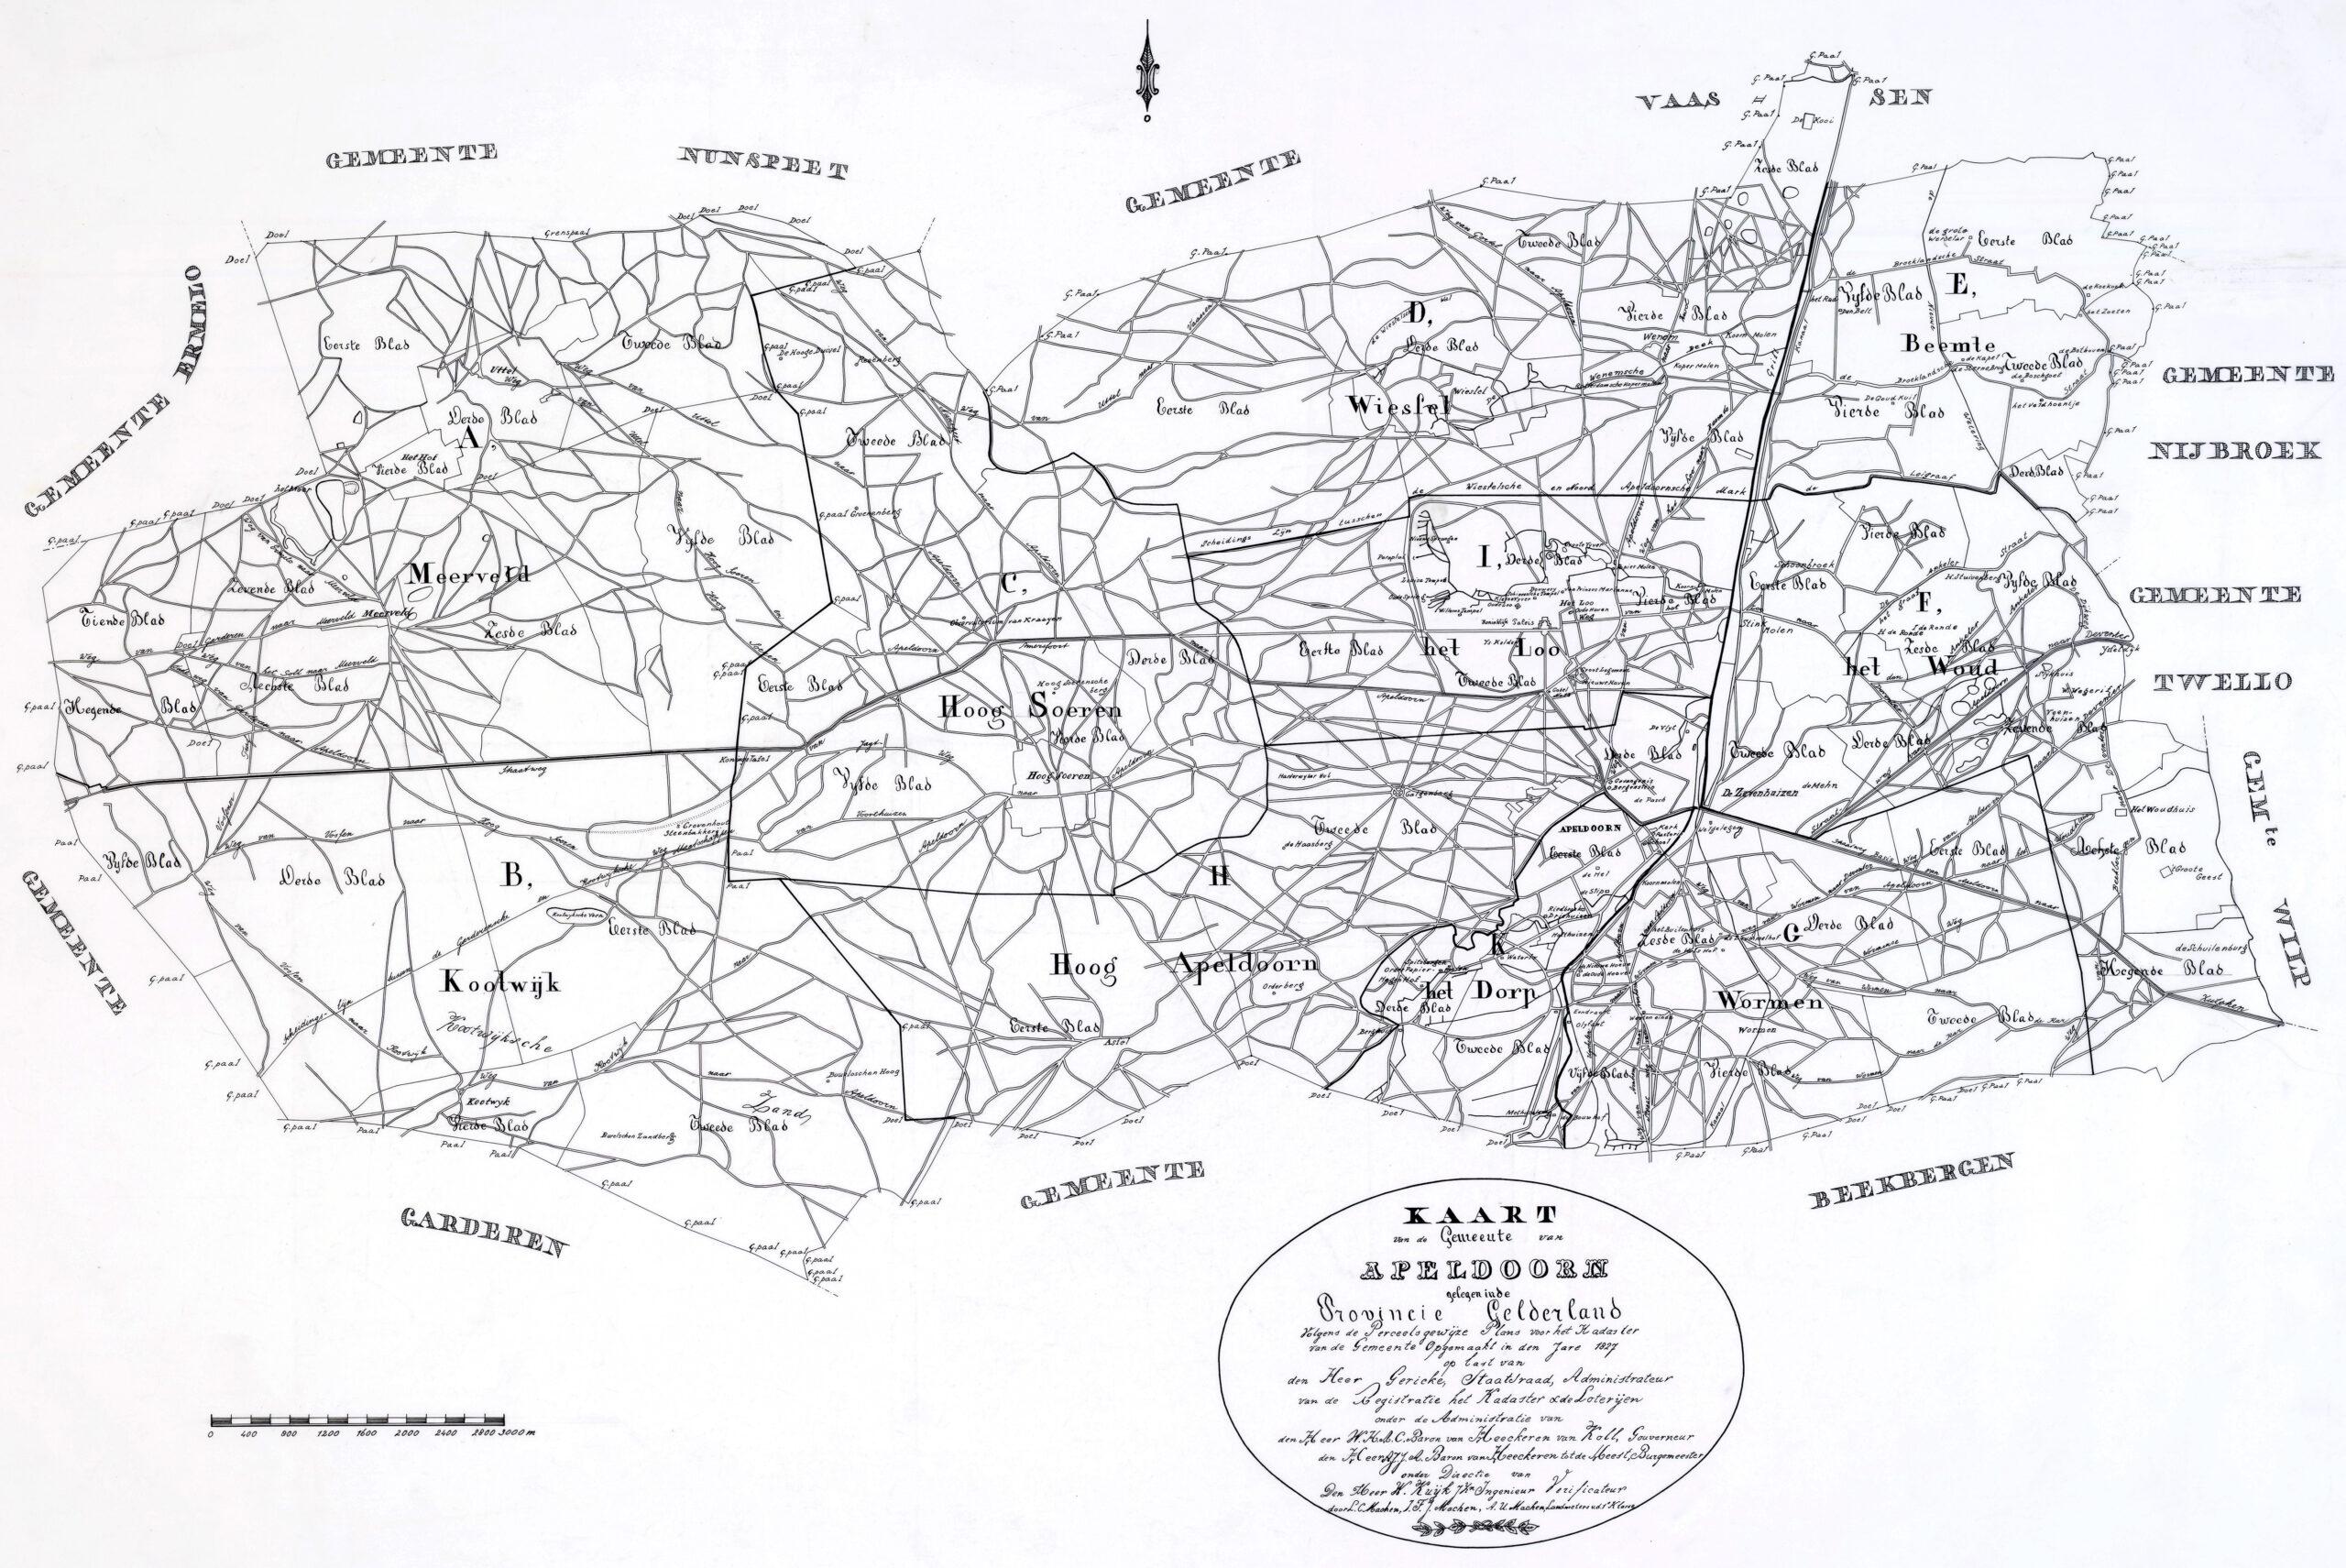 Kadastrale kaart 1811-1832